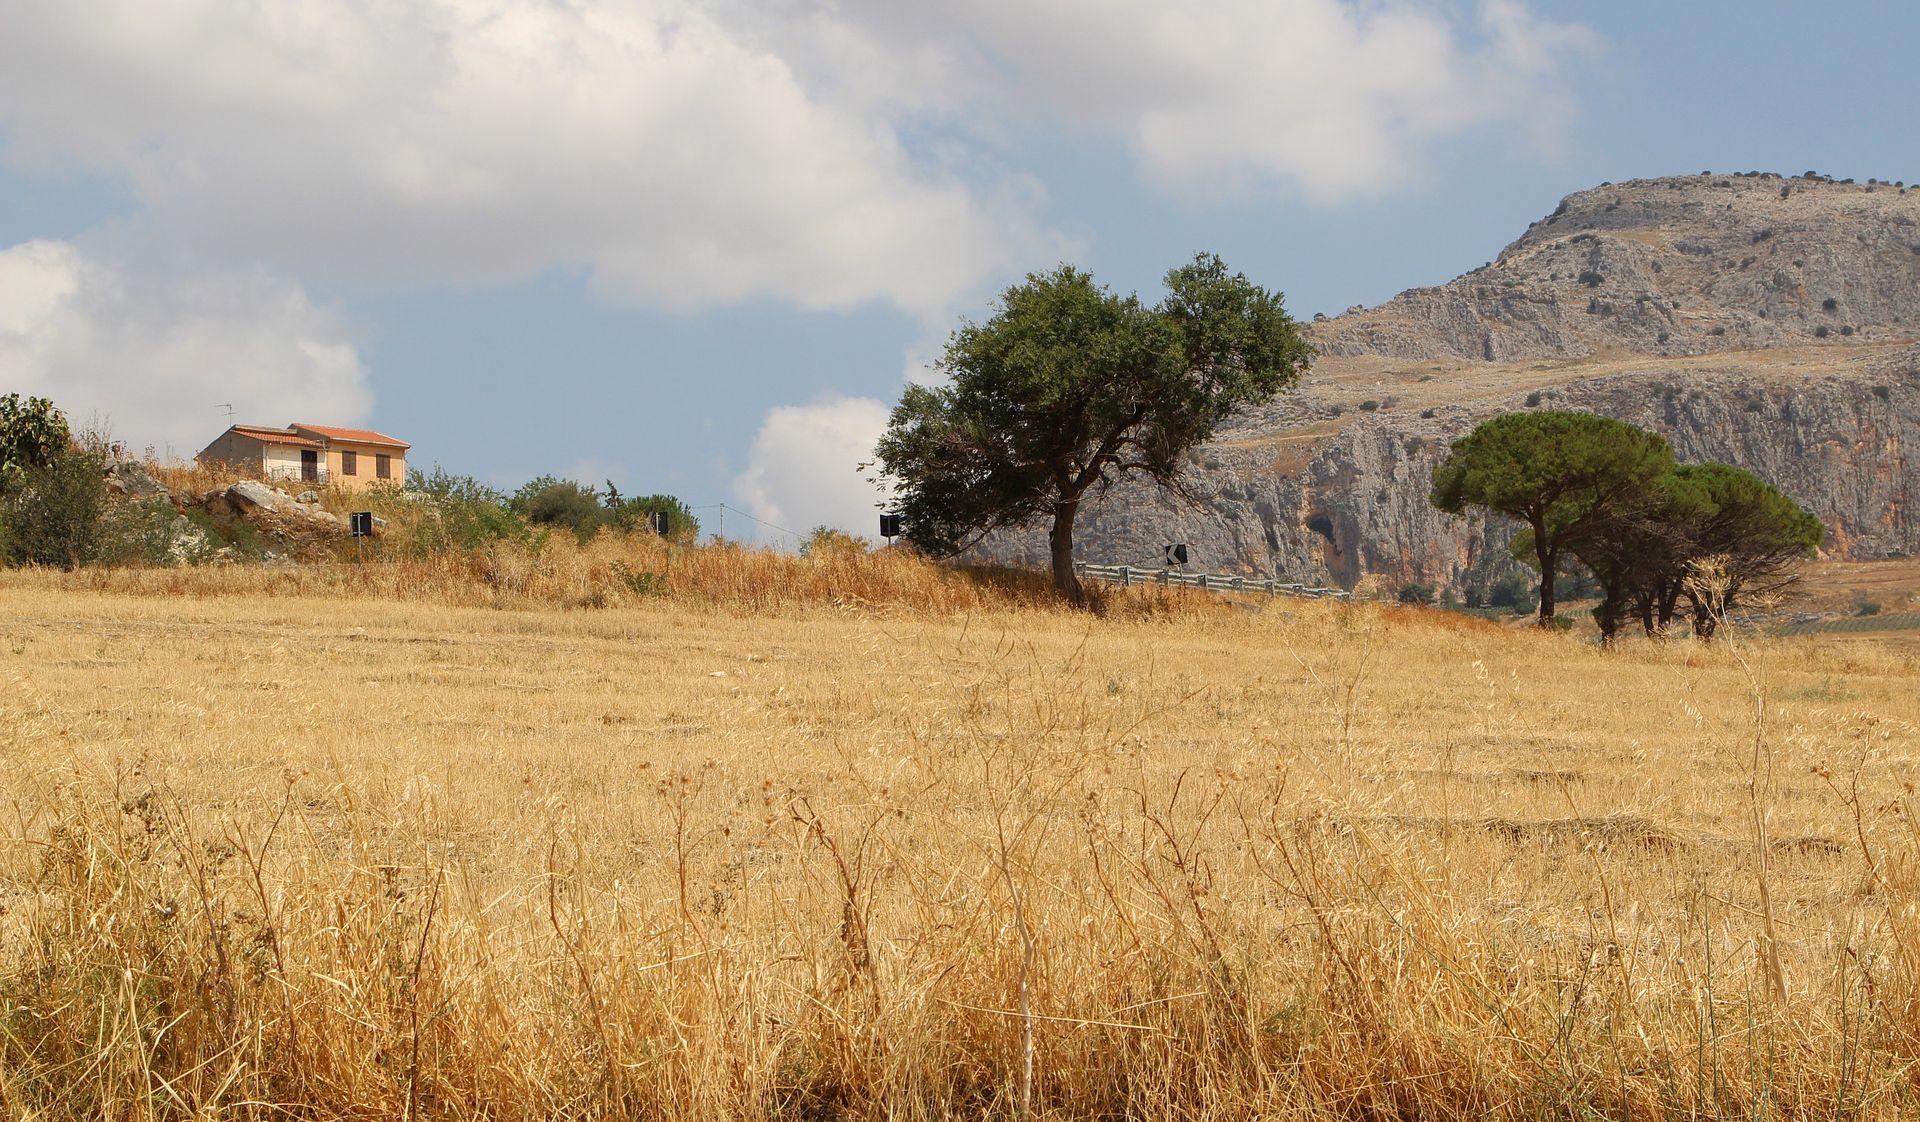 Zbog suše i toplinskog vala dijelovi Italije bez vode